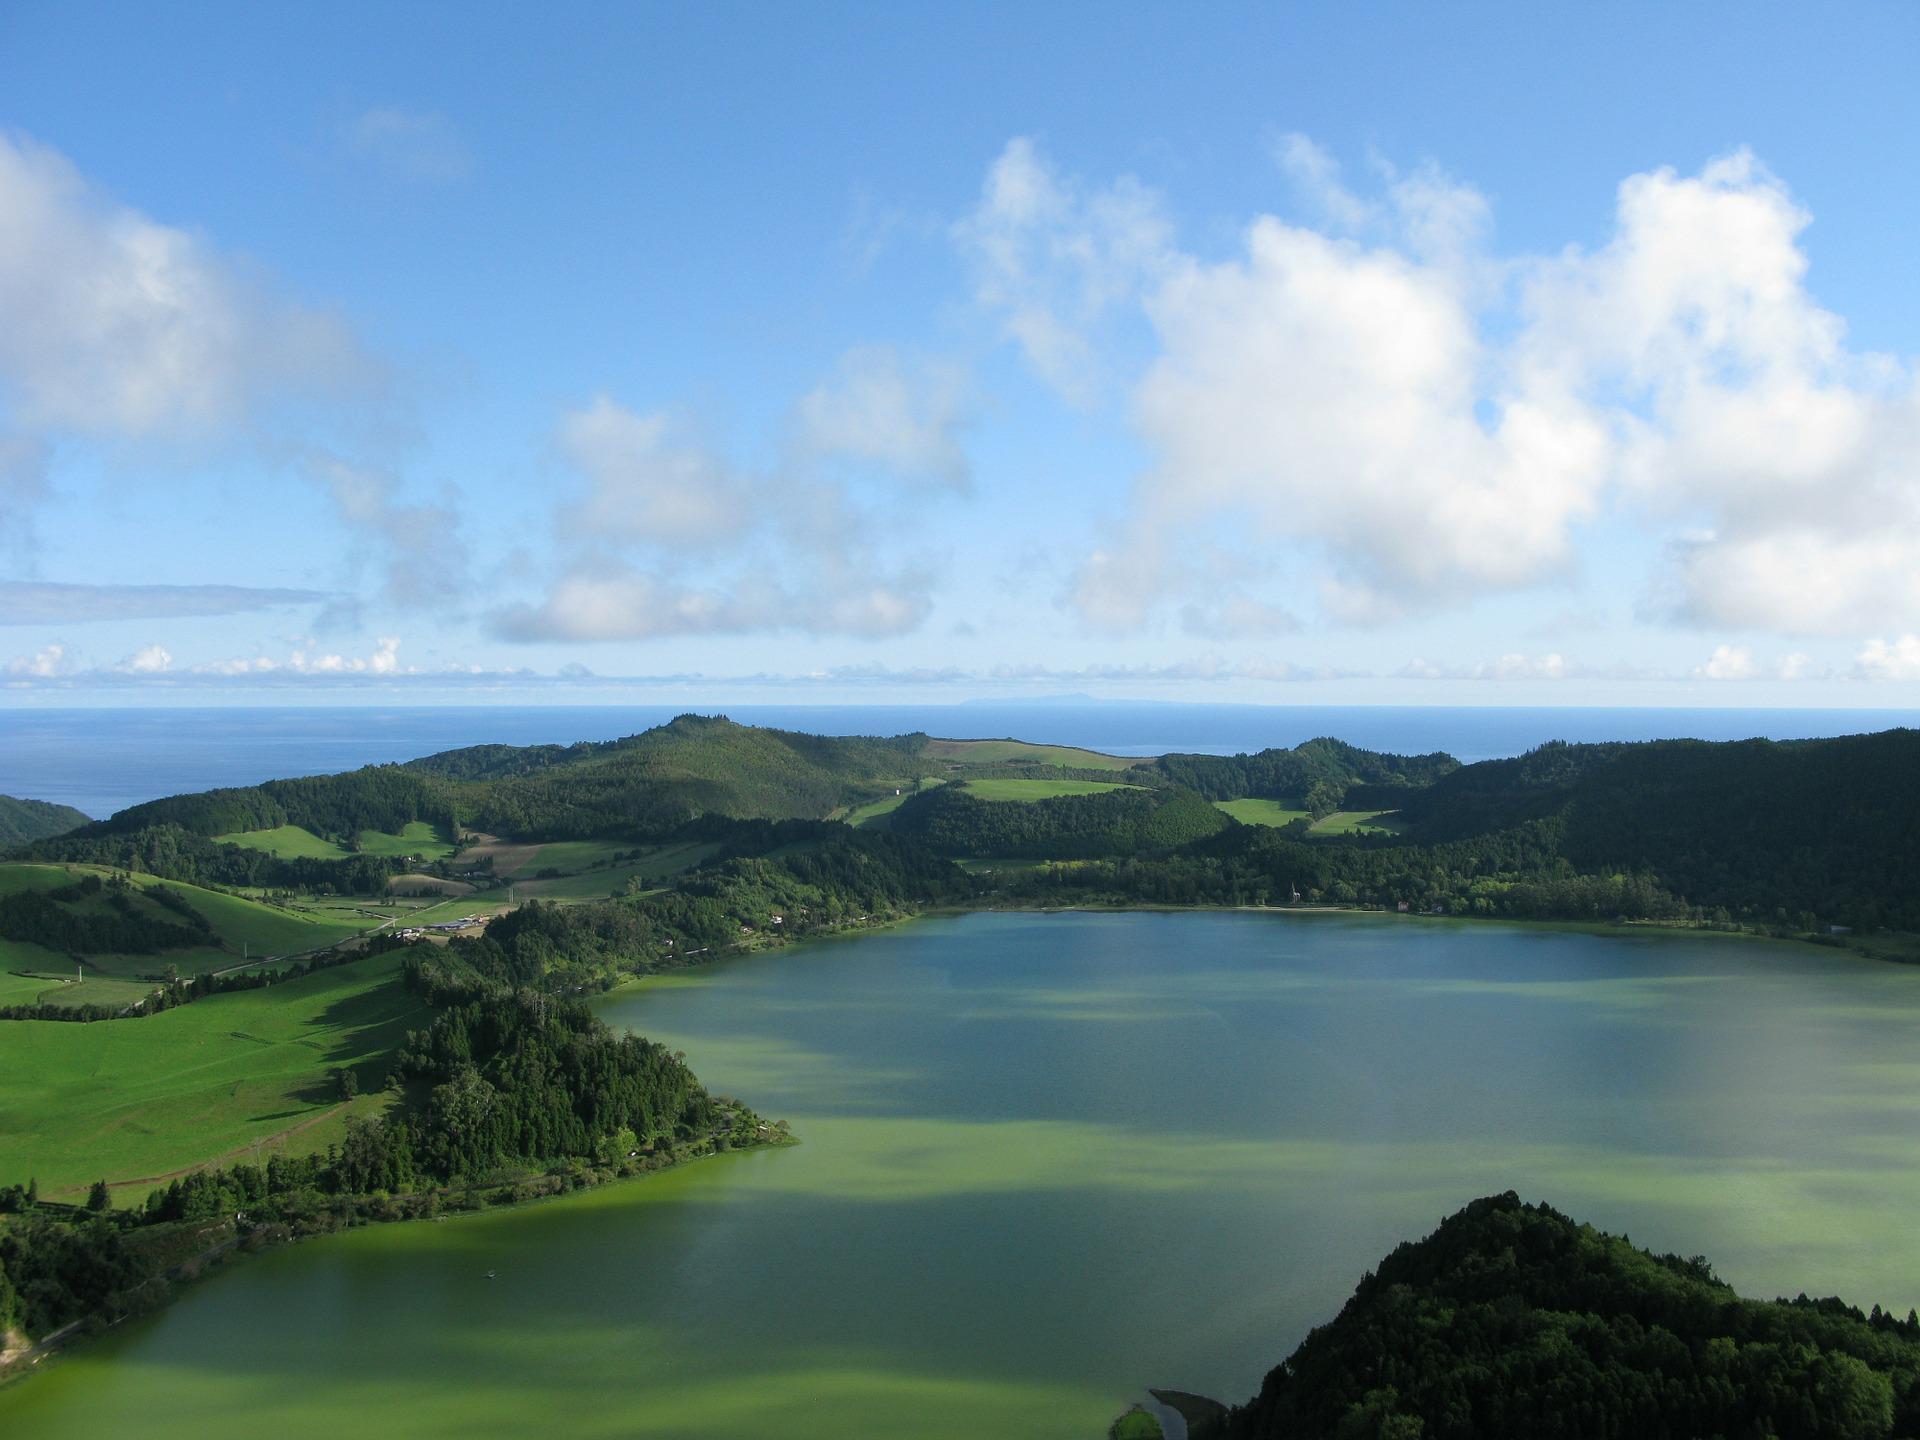 Zum Tauchurlaub auf die Azoren - Tauchen_Azoren_151229114028_2JMMun (1)